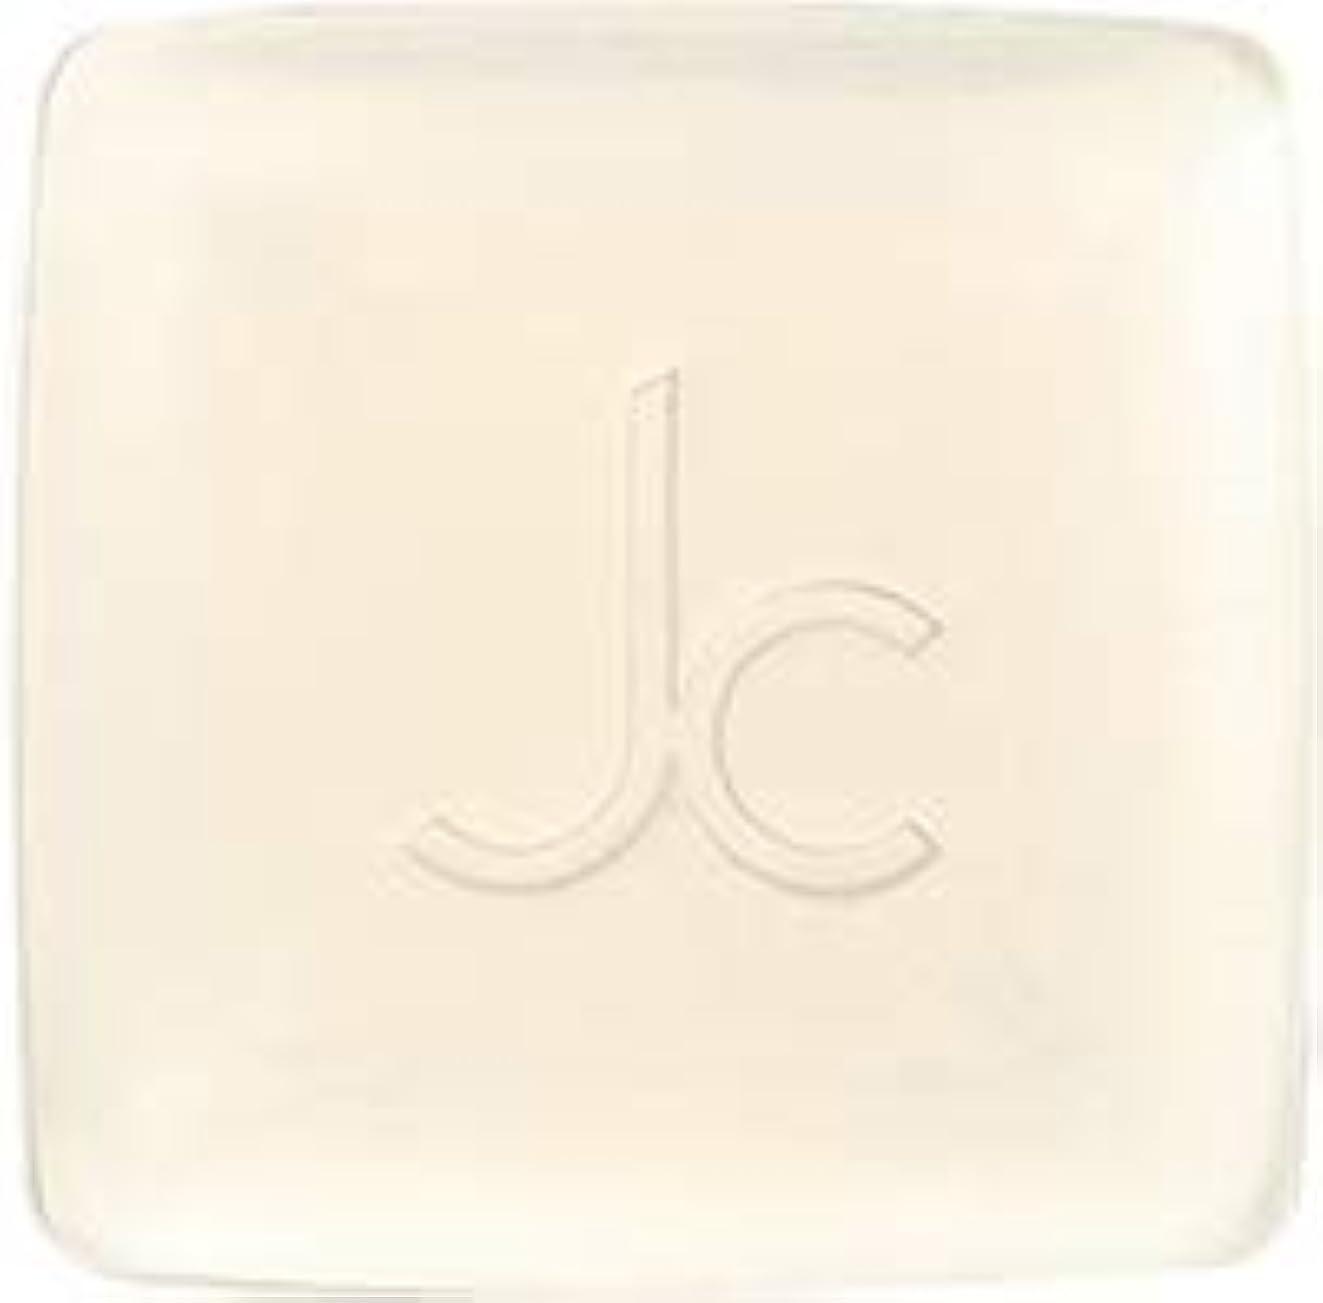 エージェント非アクティブ再生可能JC ピールシャボン 100g